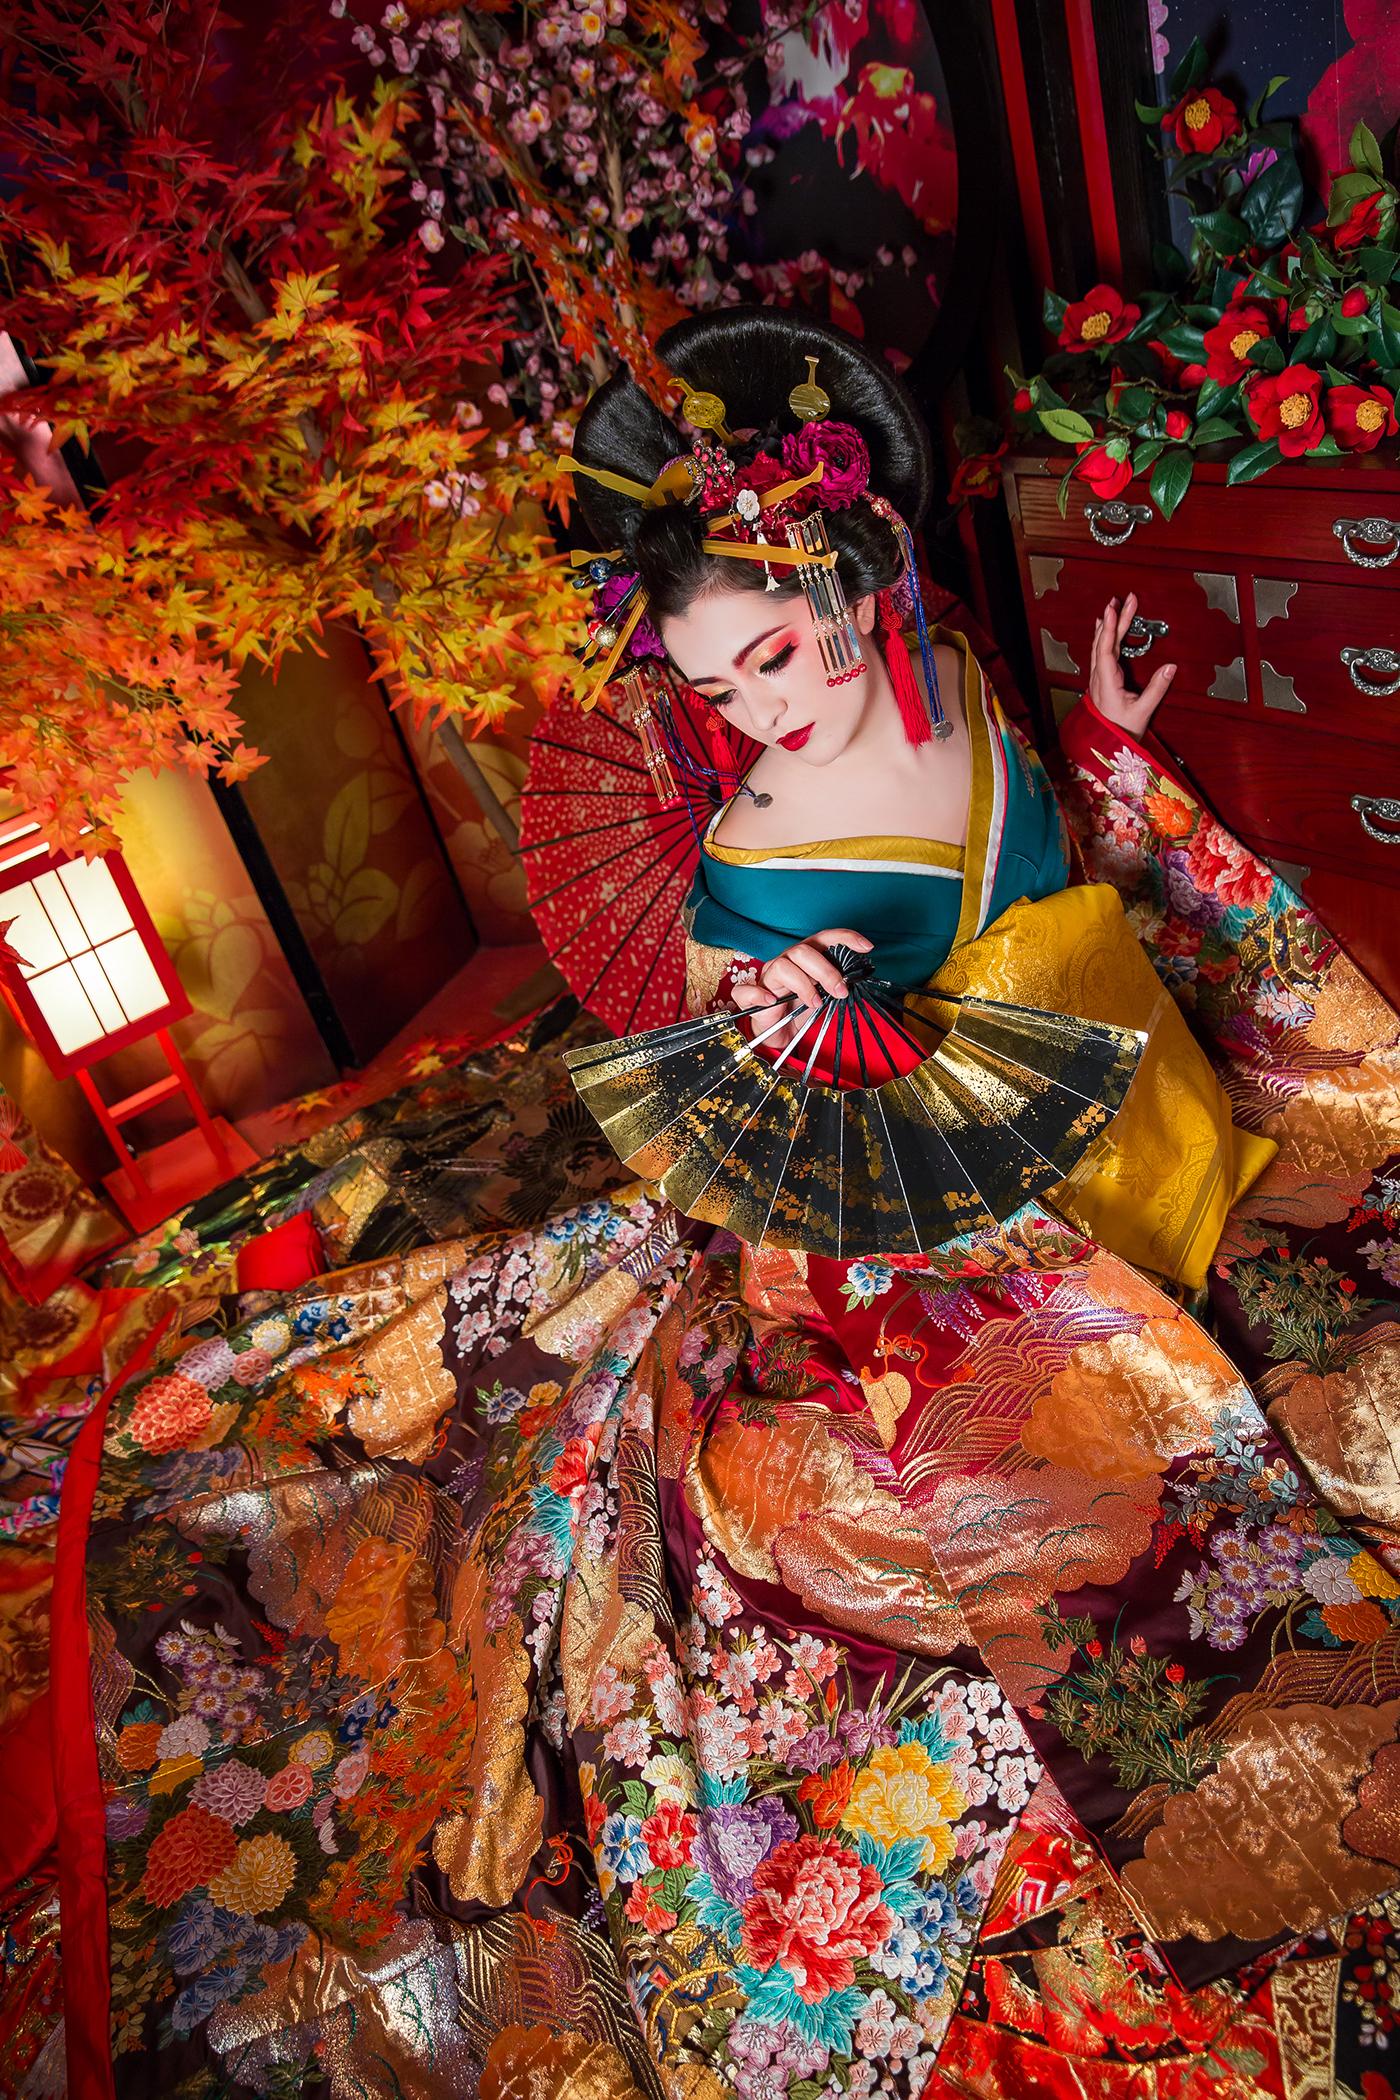 Esperanto japan oiran geisha kyoto stephanymarlen3 mexico tijuana beauty model